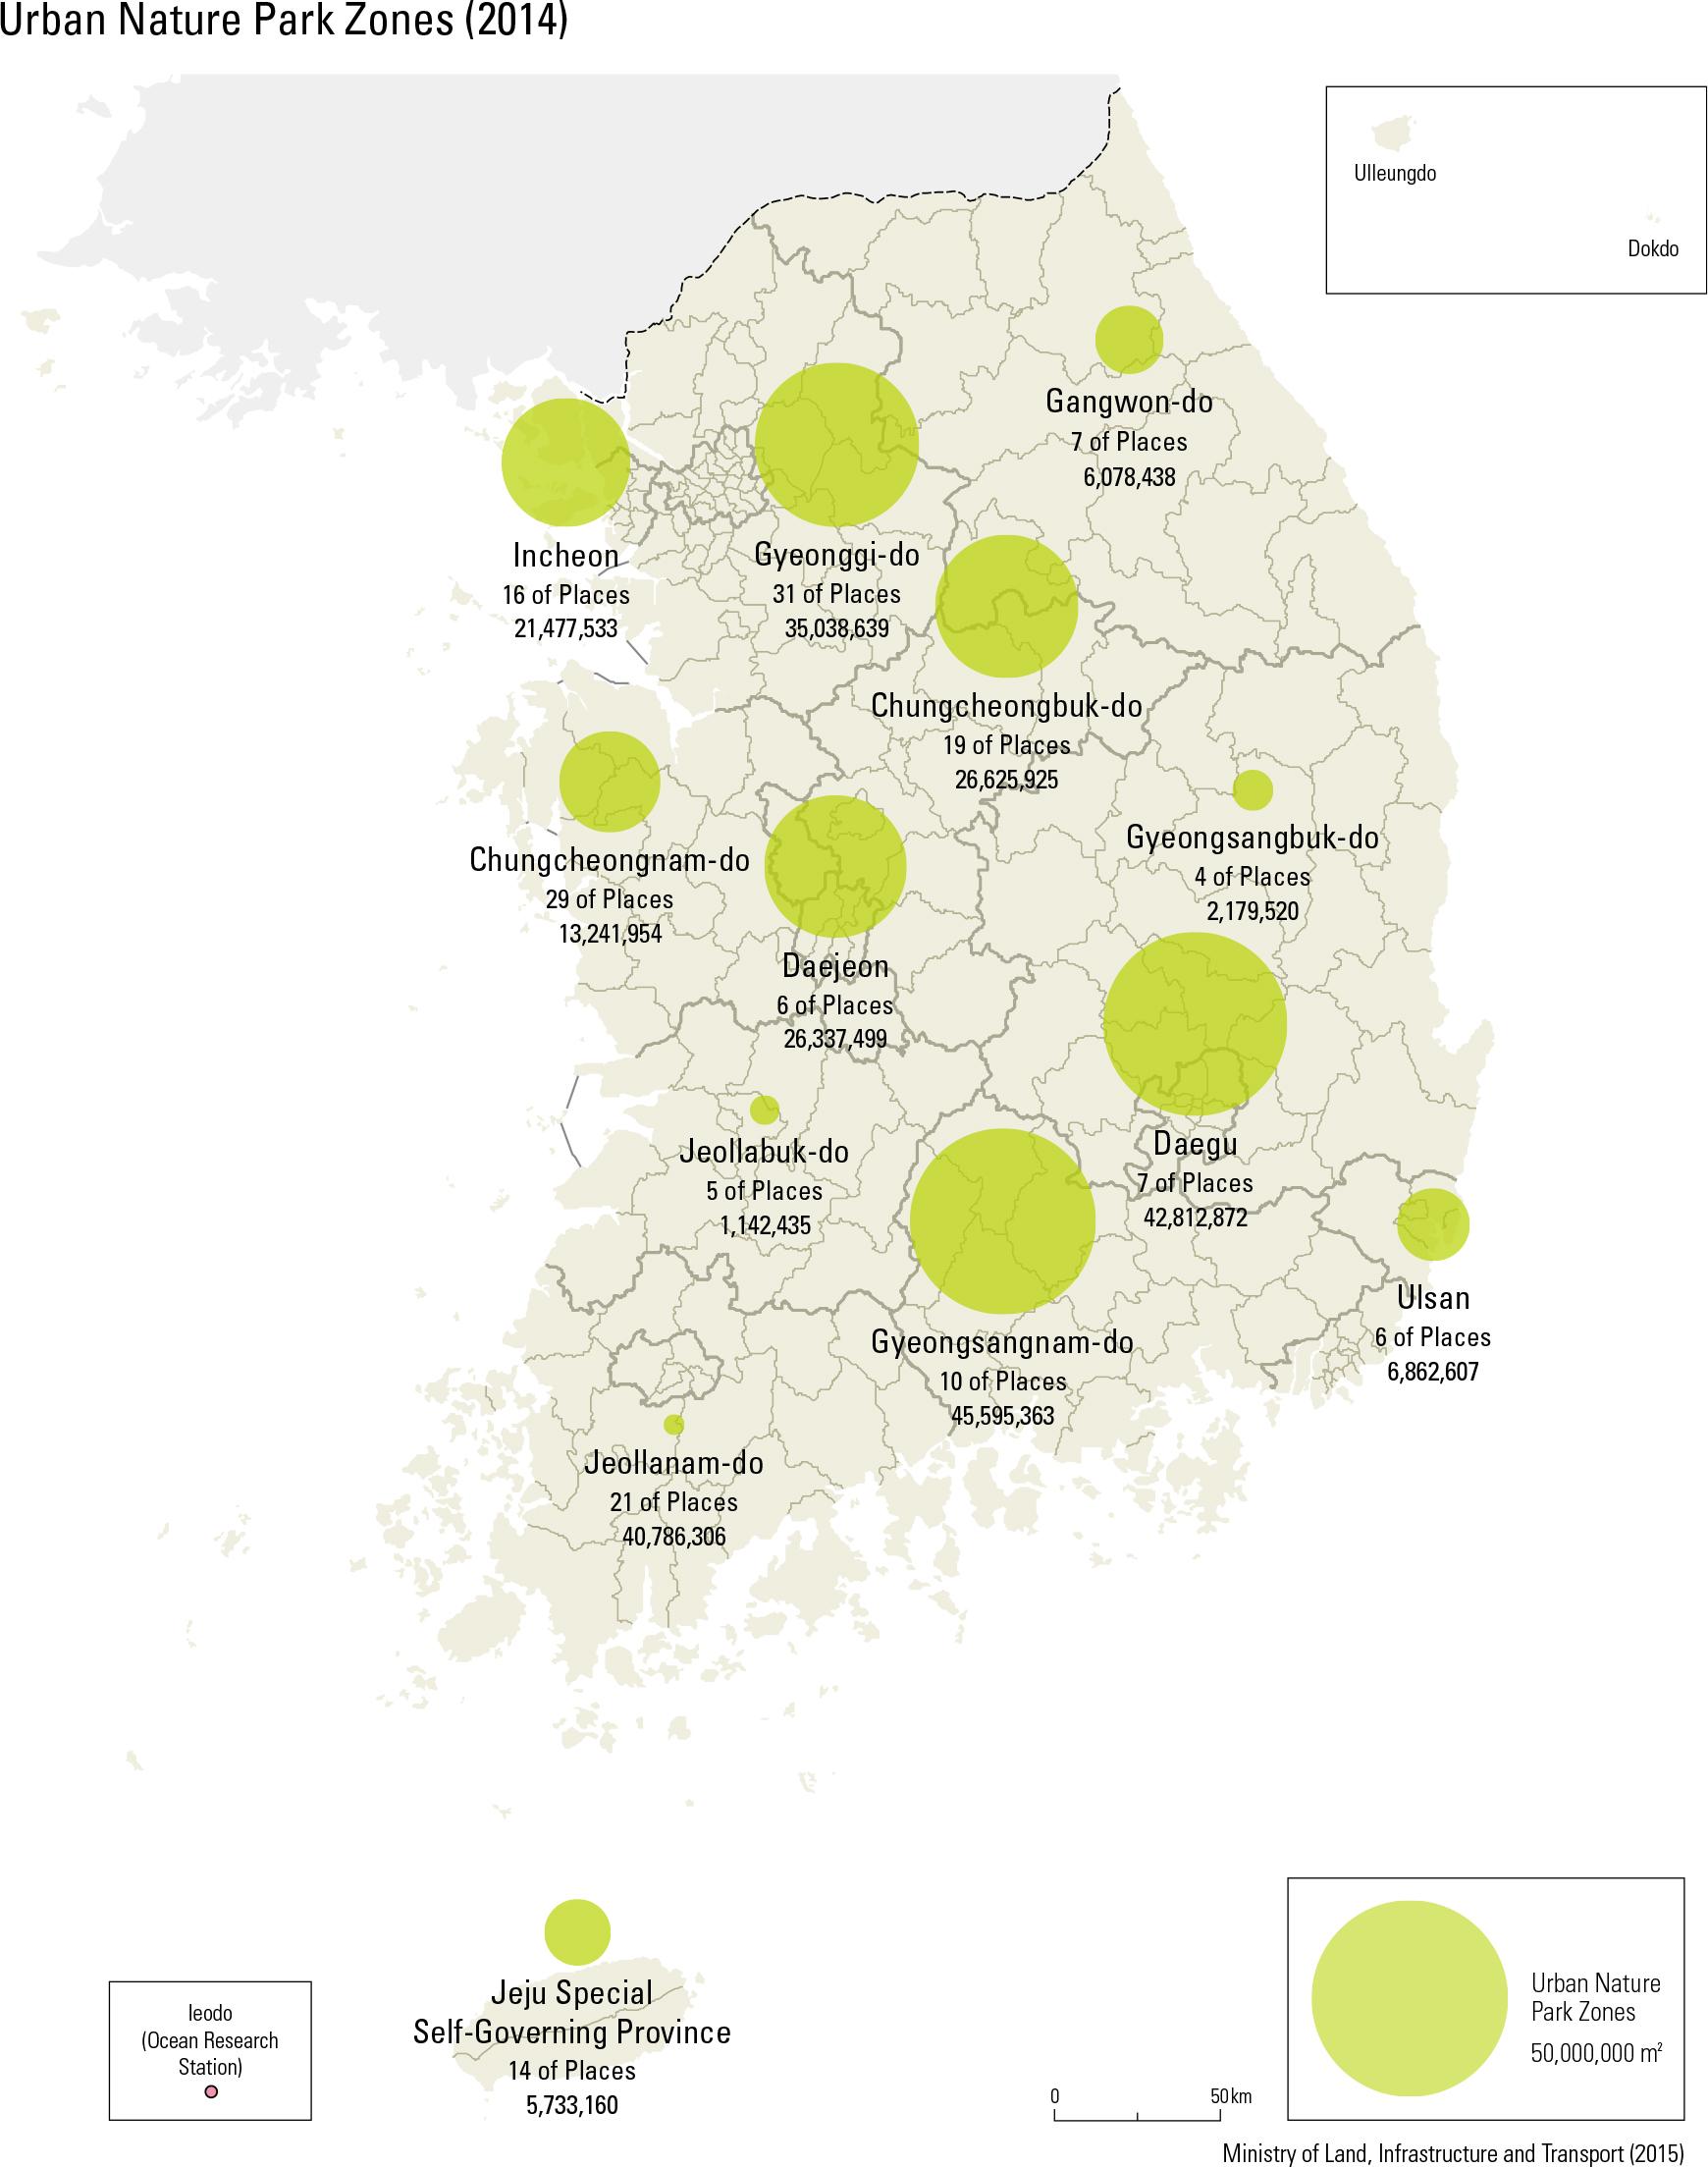 Urban Nature Park Zones (2014)